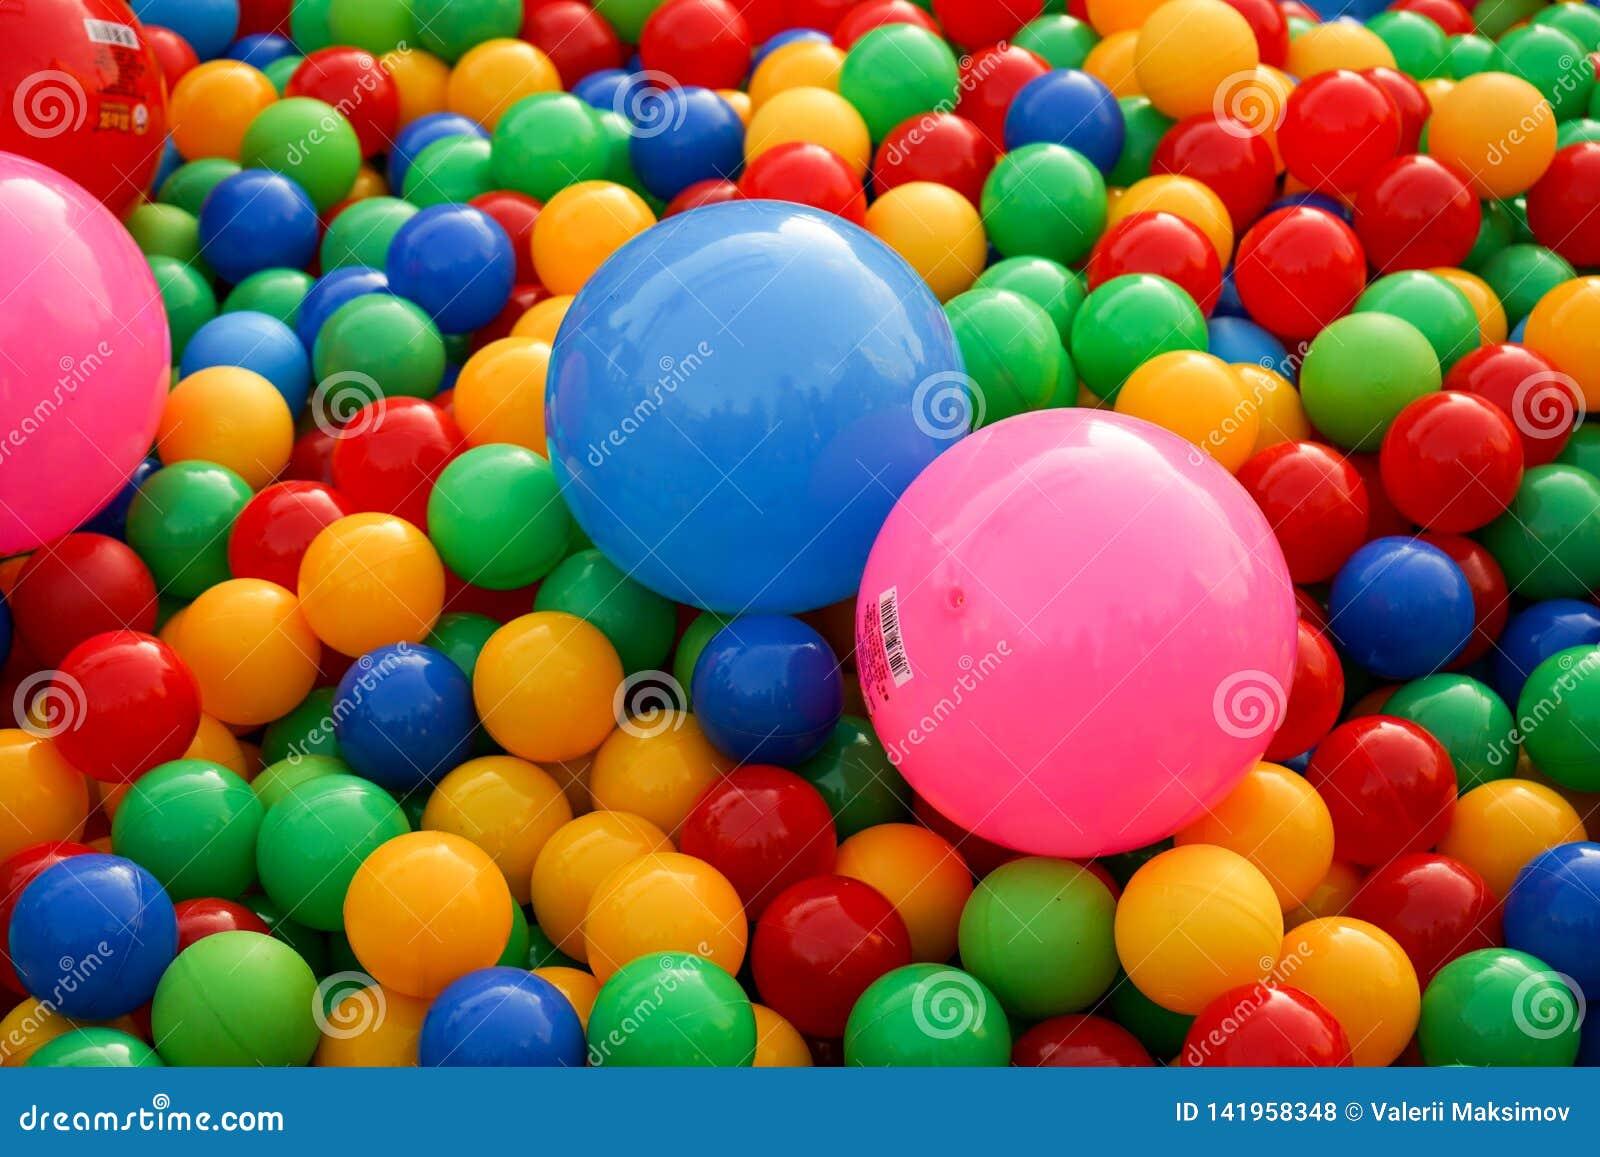 Bällchen von verschiedenen Farben auf dem Spielplatz